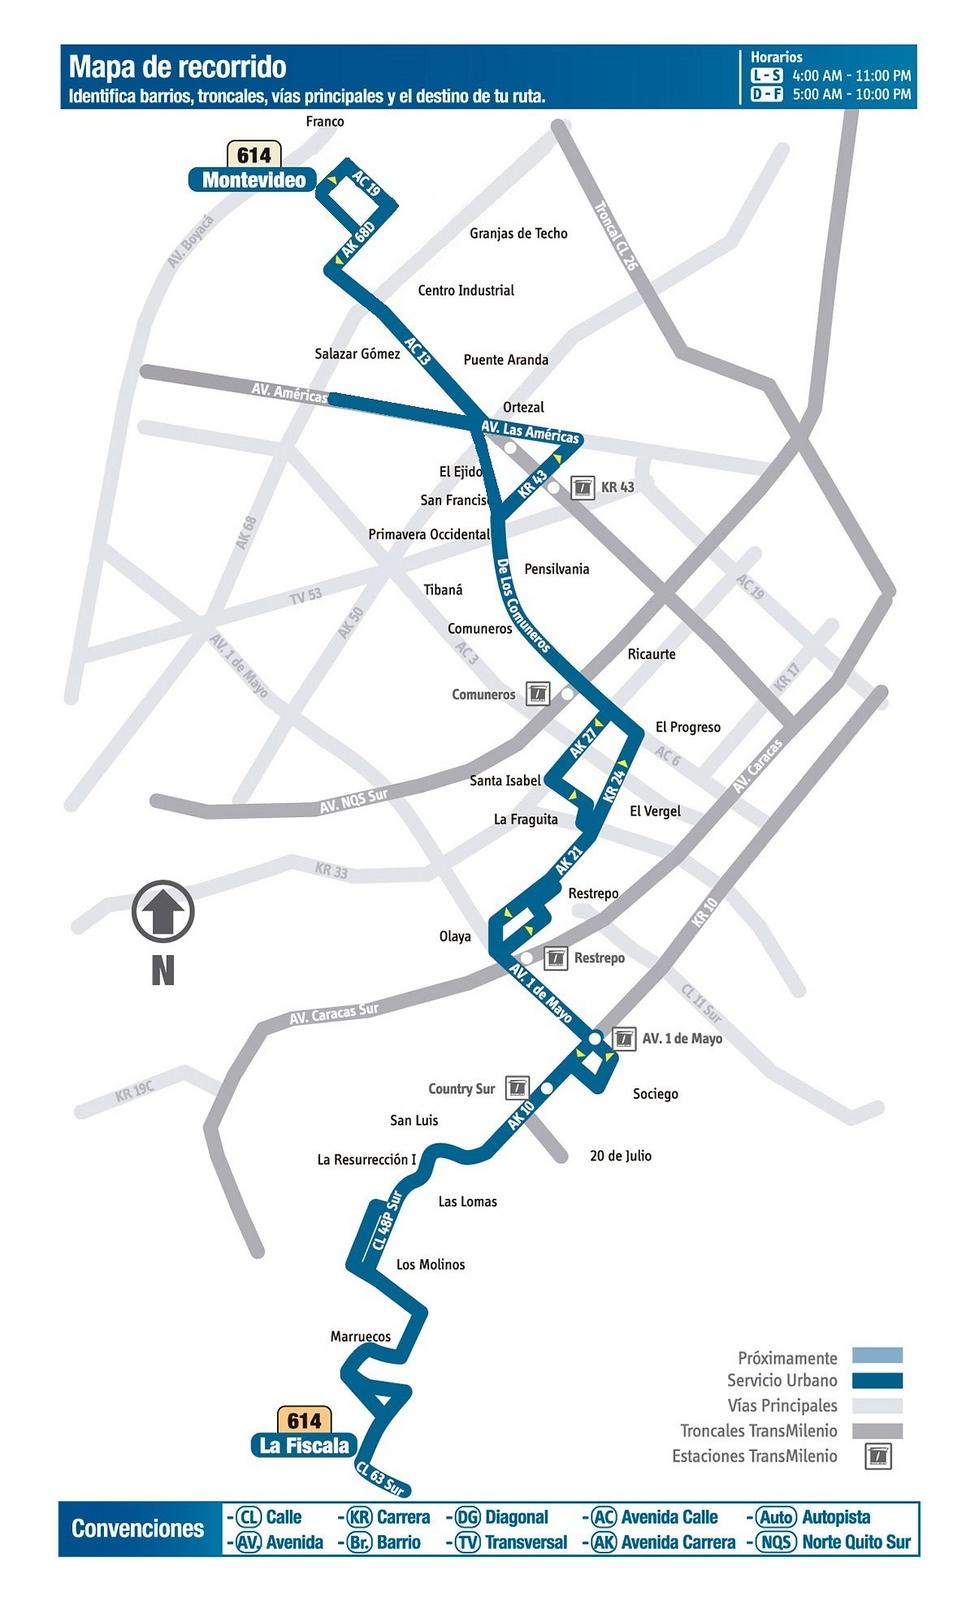 Ruta SITP: 614 La Fiscala ↔ Z. Ind. Montevideo (Recortada entre Molinos y Ricaurte) [Urbana] 3